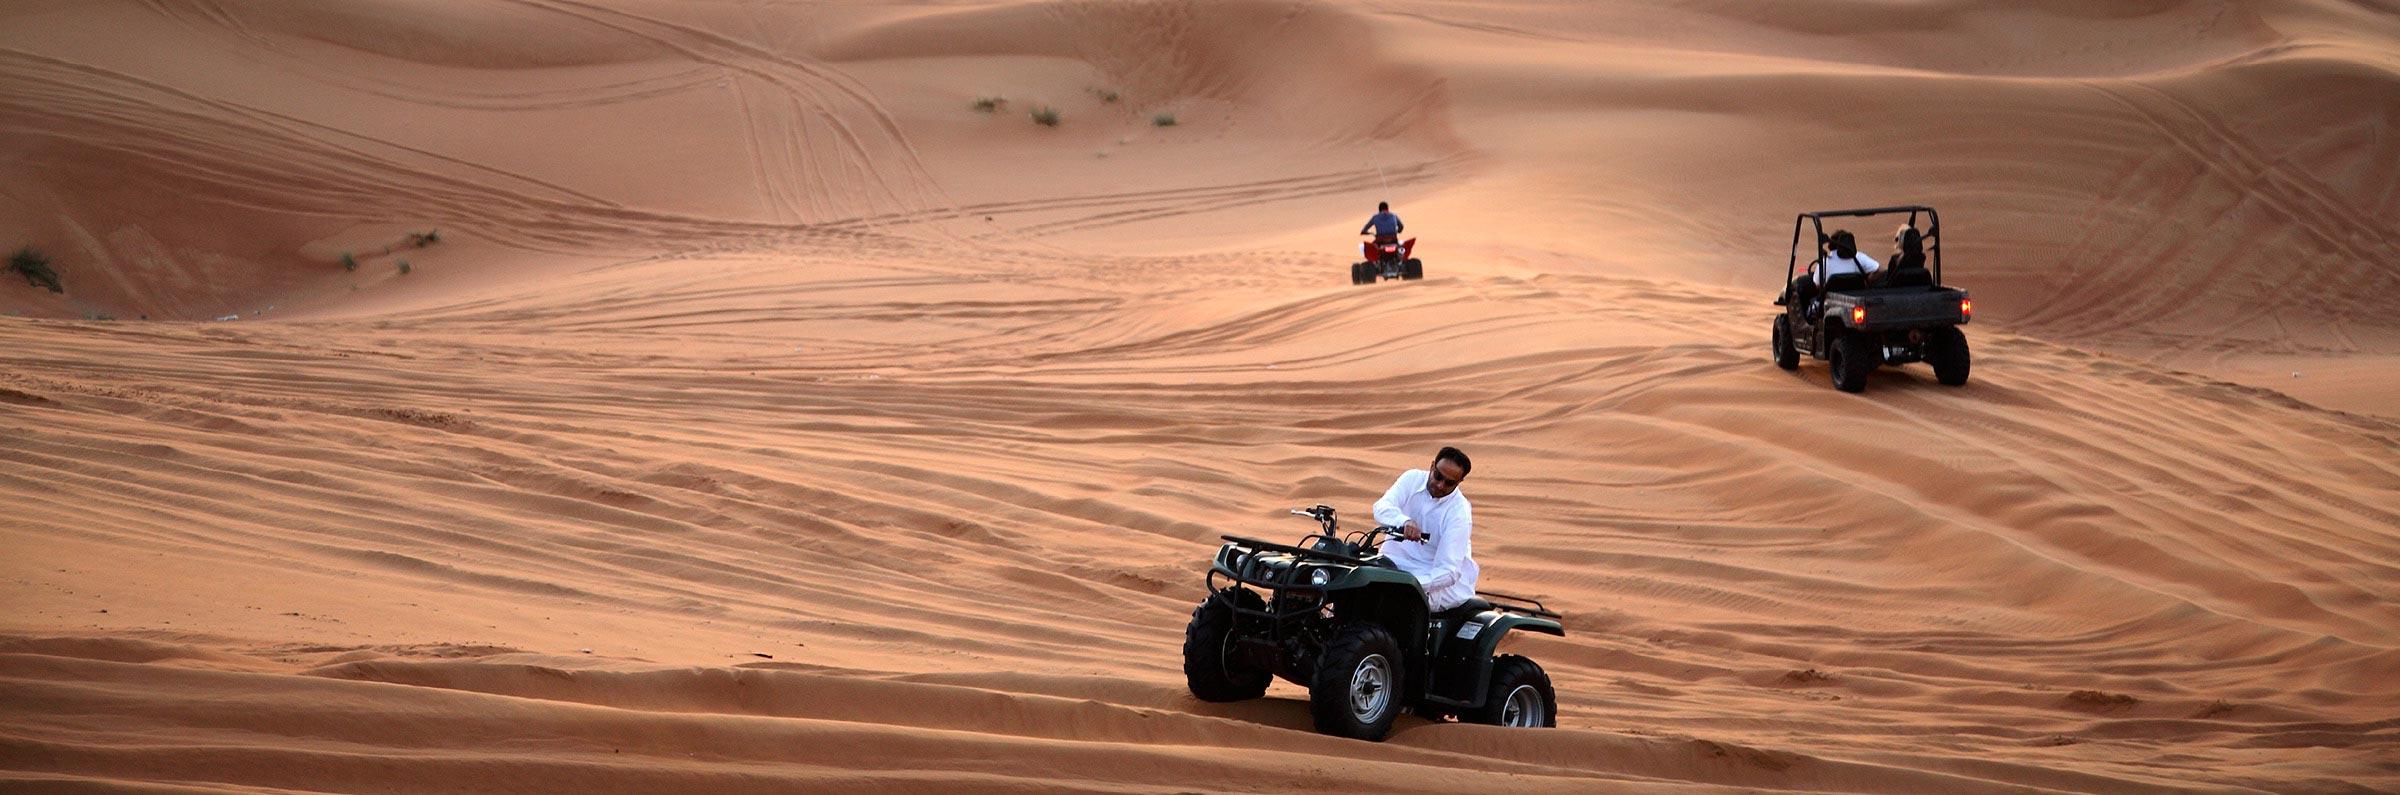 Unique to Dubai in Dubai